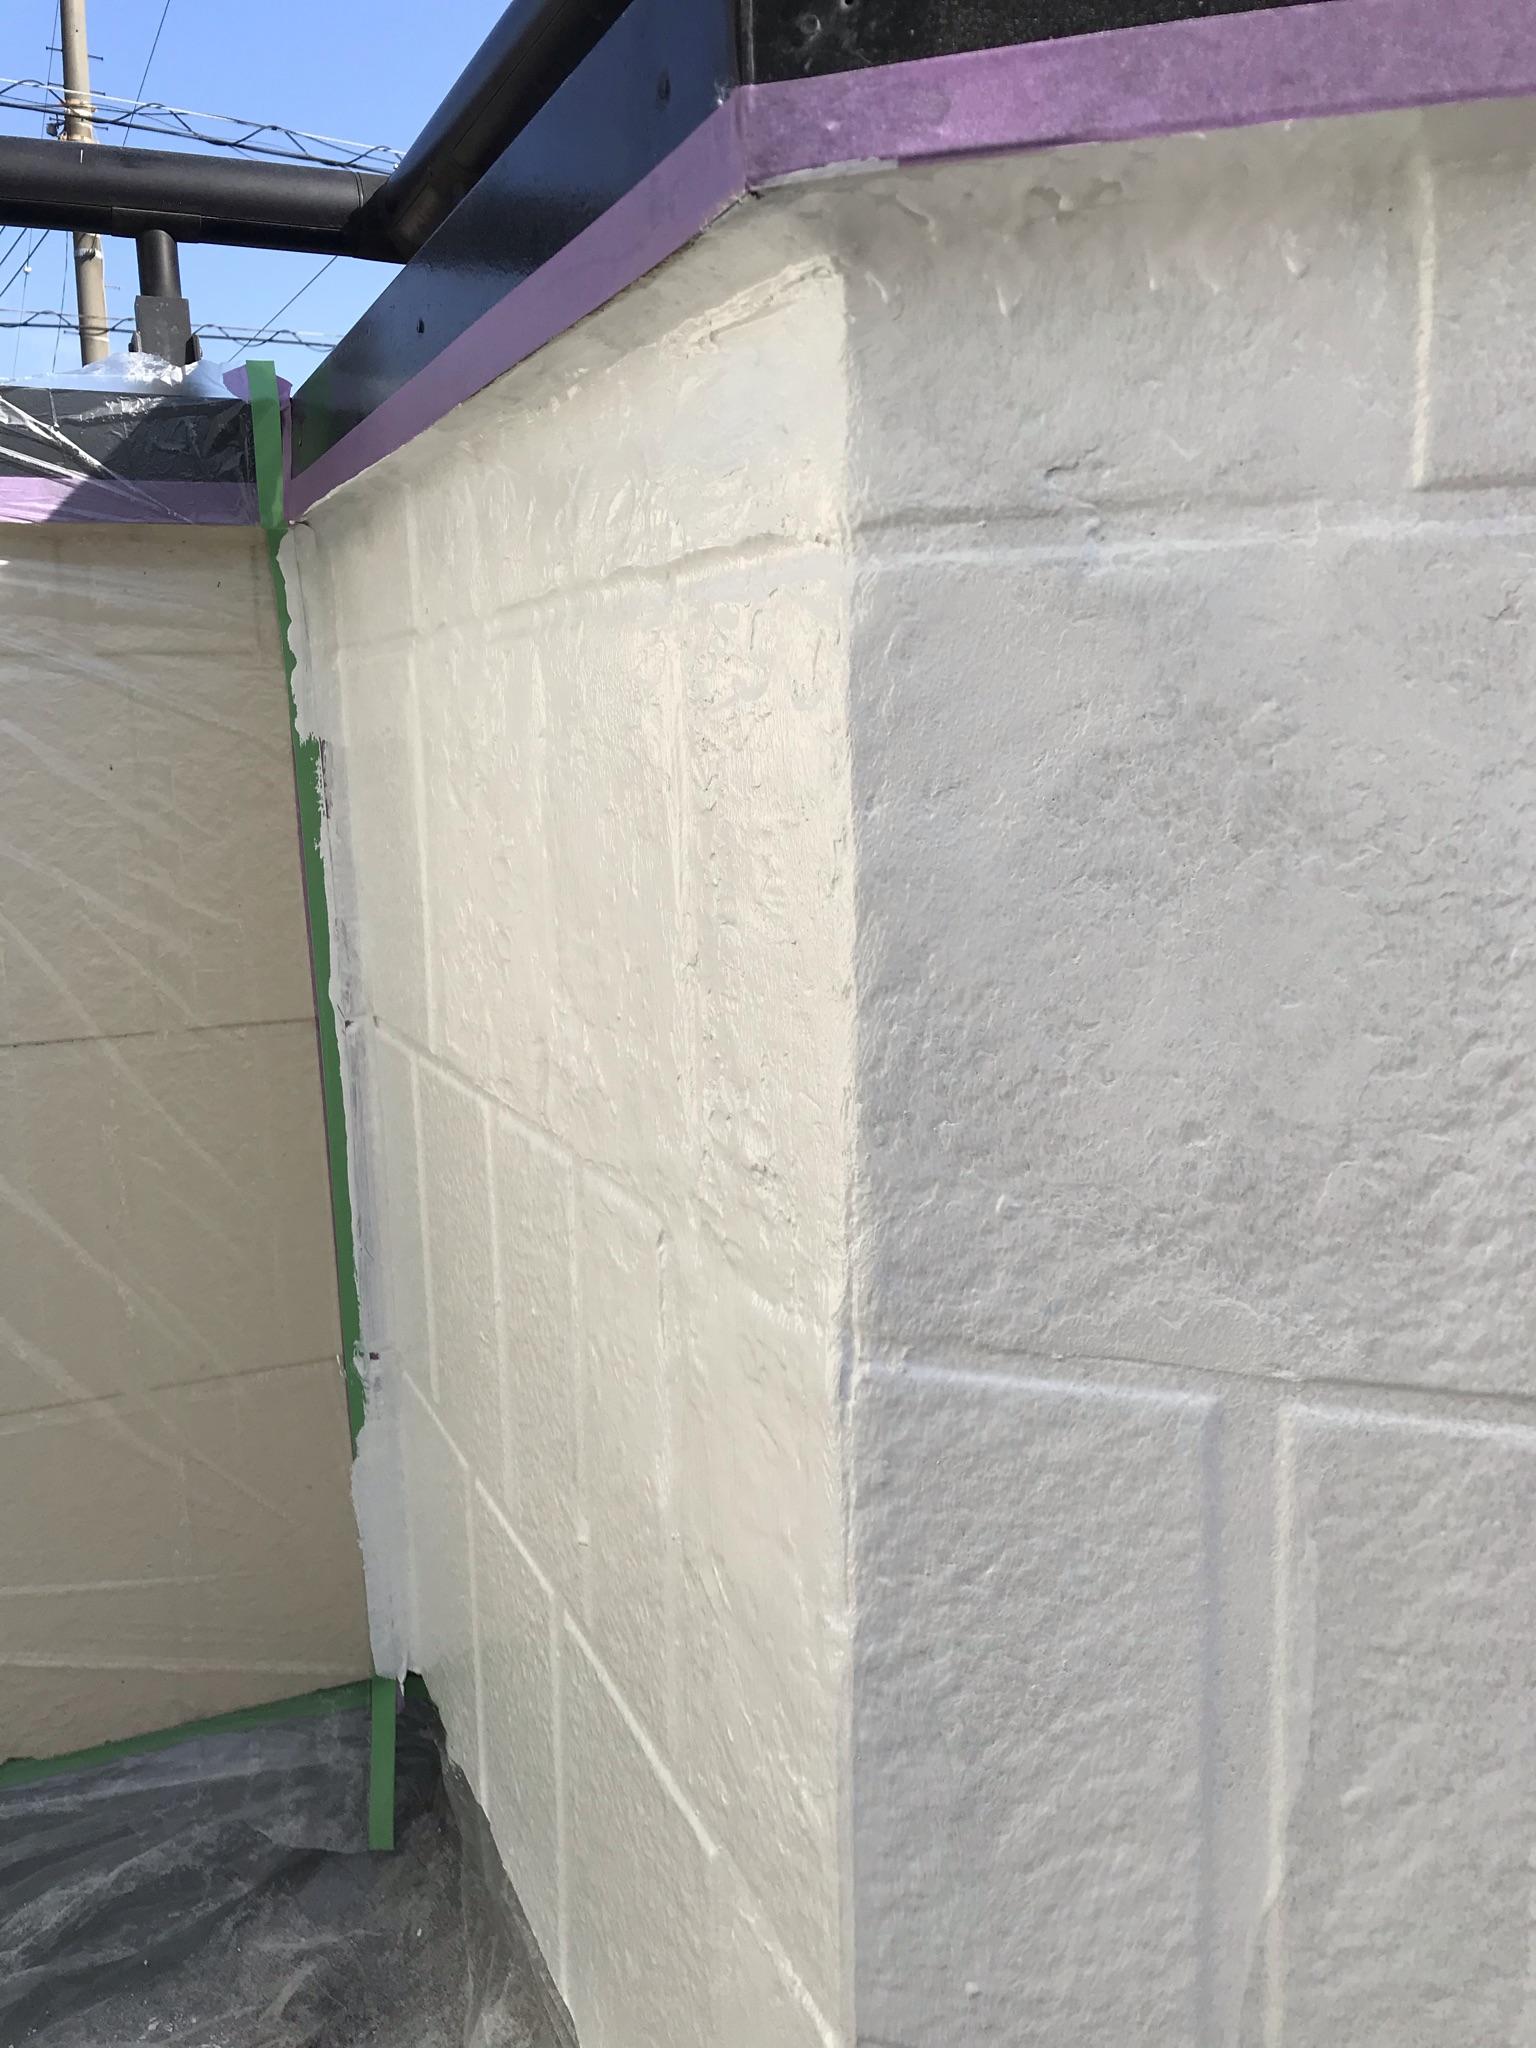 春日部市豊町でベランダ内側塗装不良部分をパテで下地補修後下塗り